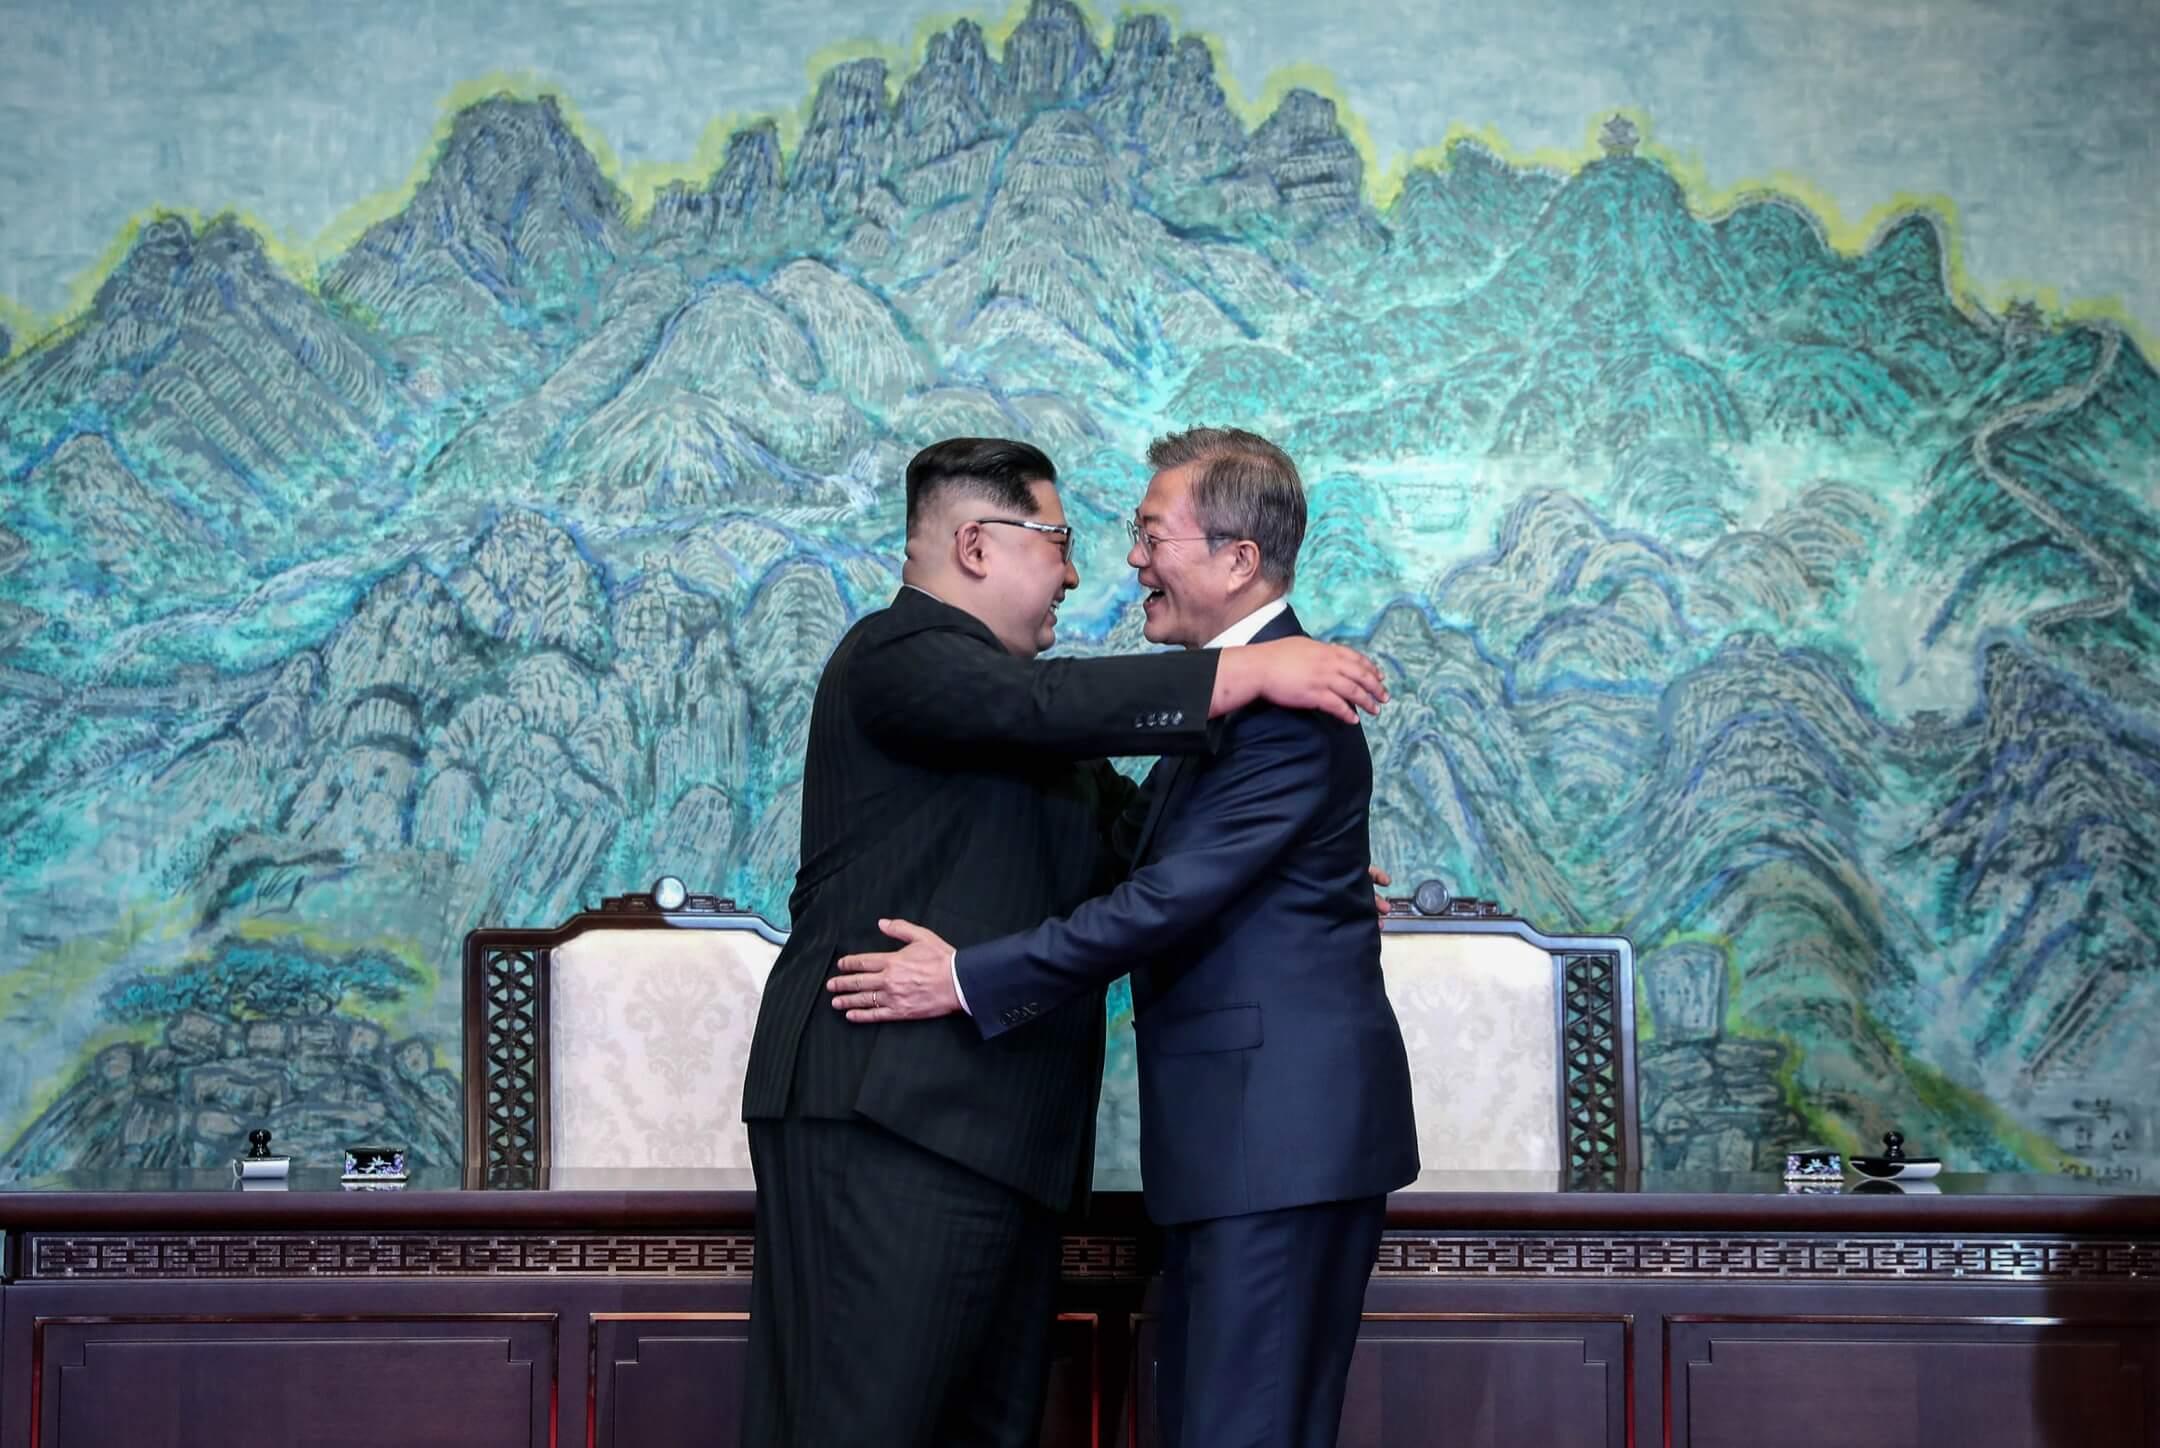 2018年4月27日,南韓總統文在寅與北韓領袖金正恩於板門店非軍事區「和平之家」舉行兩韓峰會,會後簽署《板門店宣言》共同宣布朝鮮半島不會再有戰爭,兩韓停止一切敵對行為,二人互相擁抱致意。